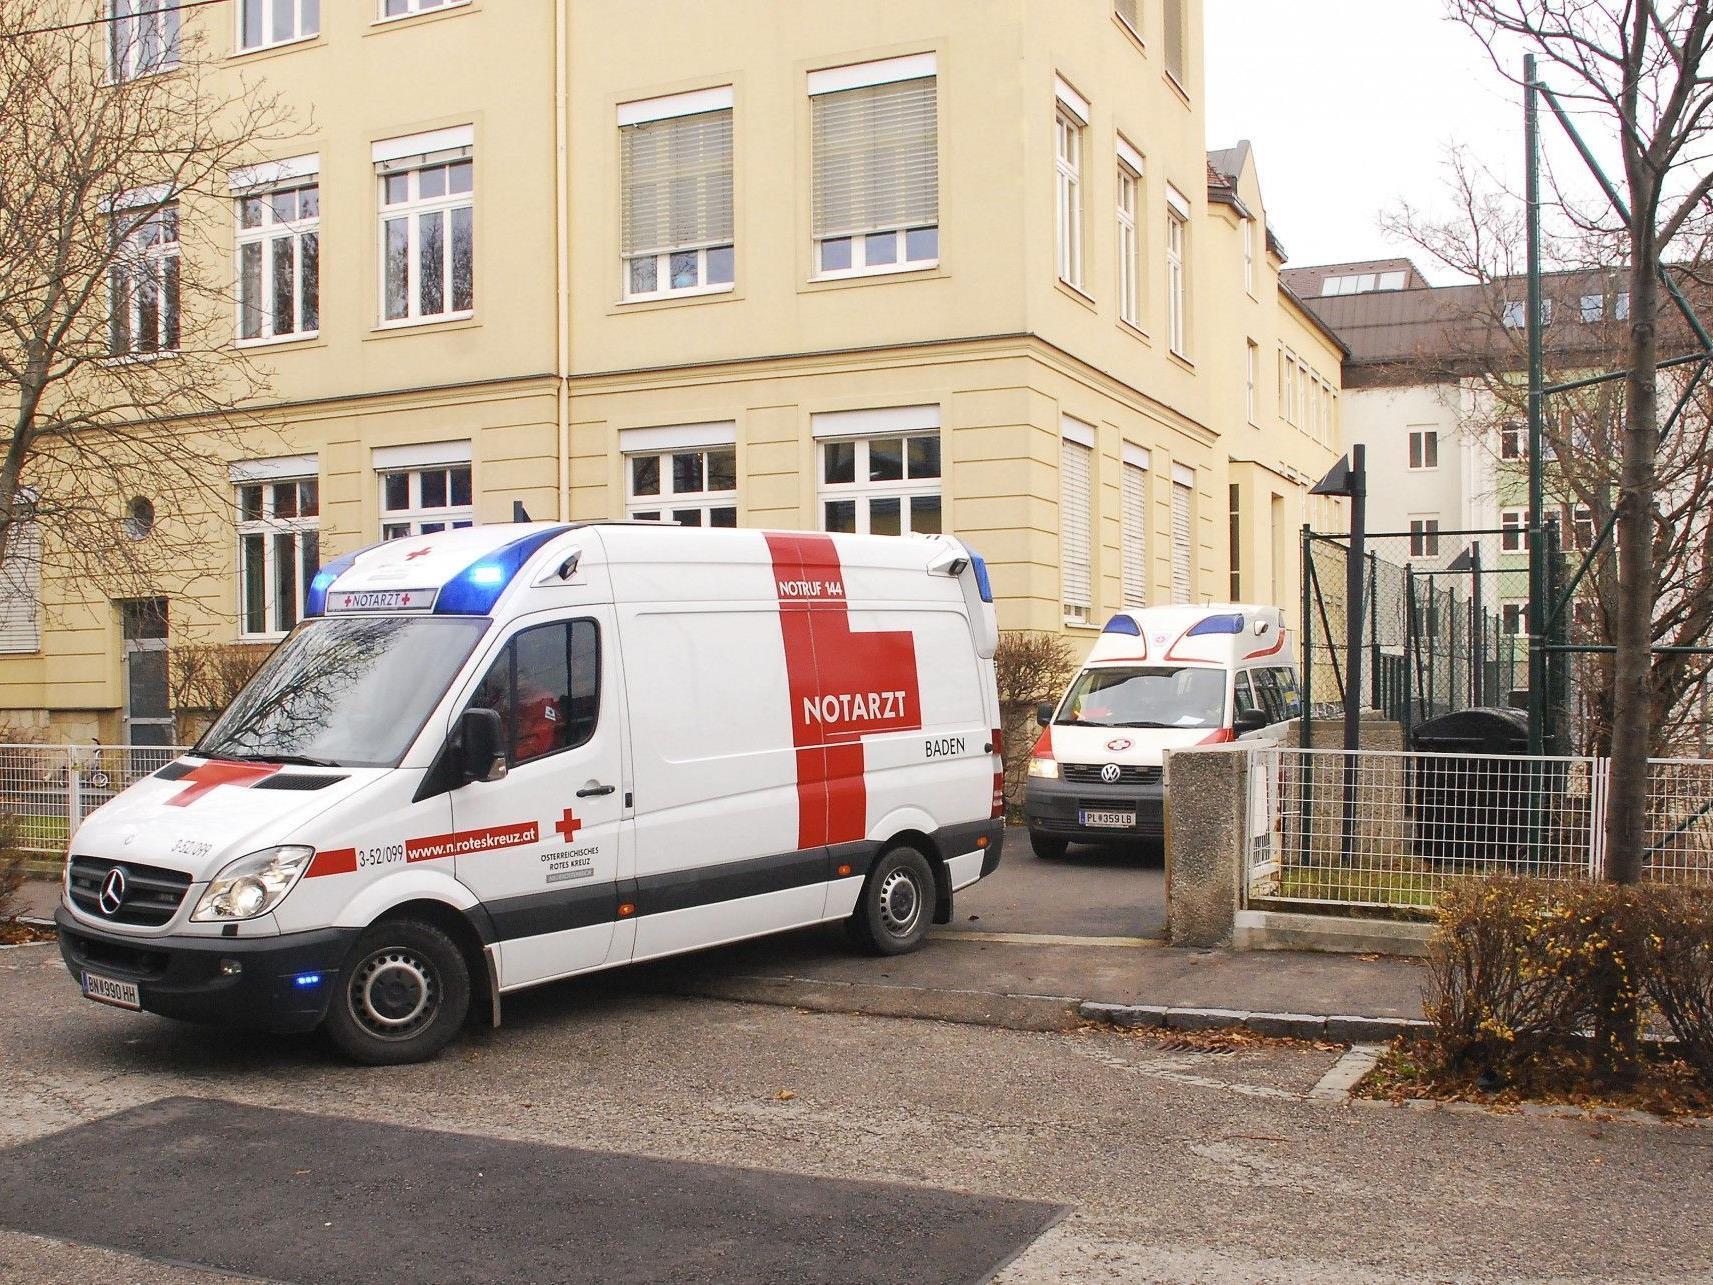 Der Schüler erlag im Landesklinikum Baden seinen Verletzungen.